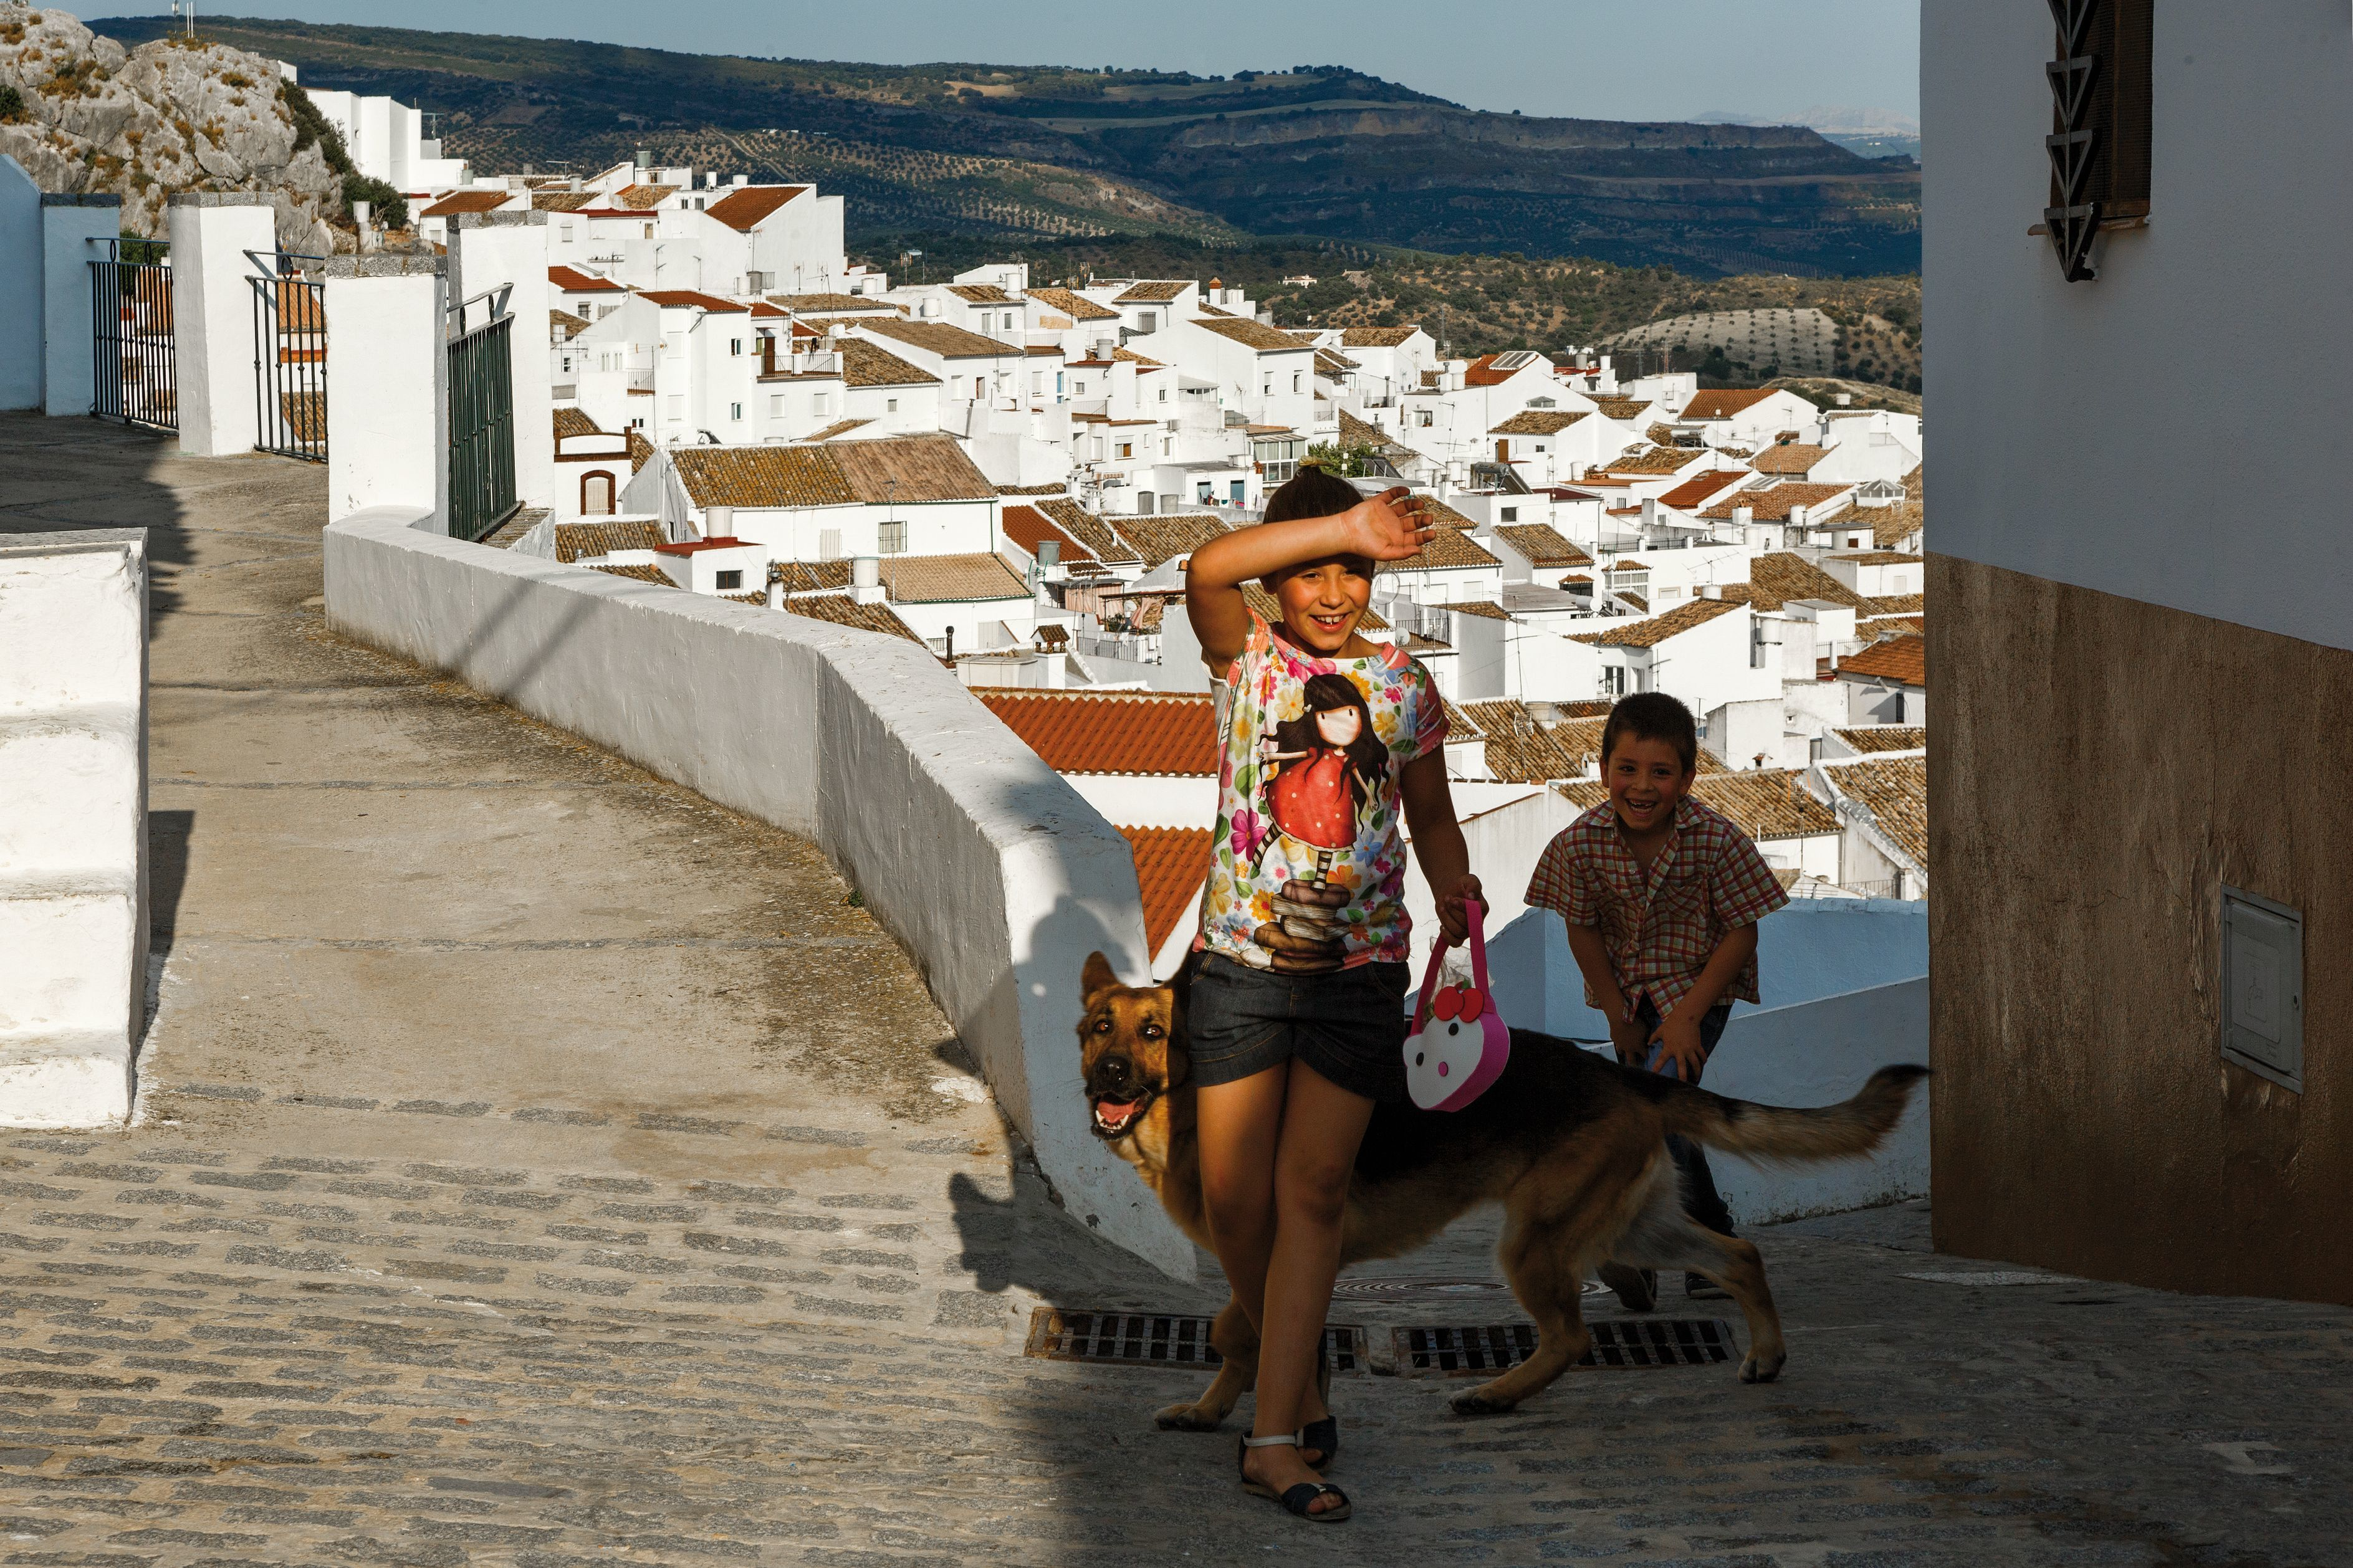 Egy spanyol városban mostantól DNS alapján azonosítják be a kutyaszar gazdáját